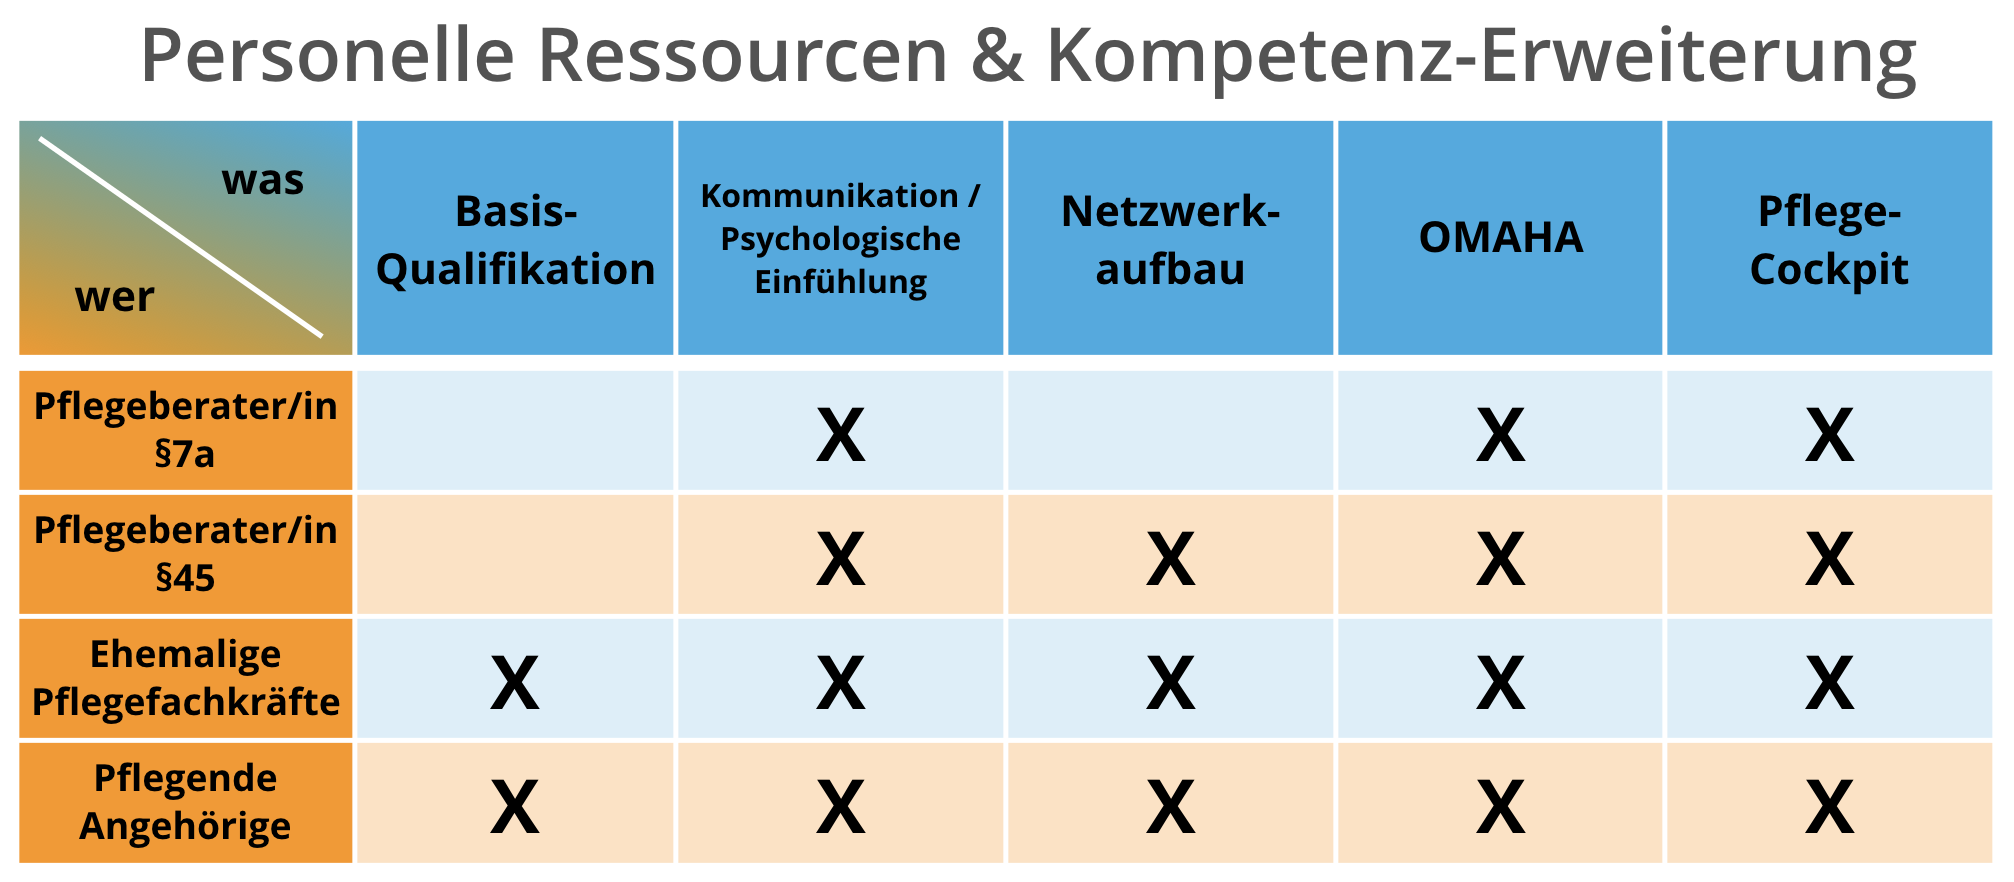 Personelle Ressourcen & Kompetenzen der Pflege-Copiloten